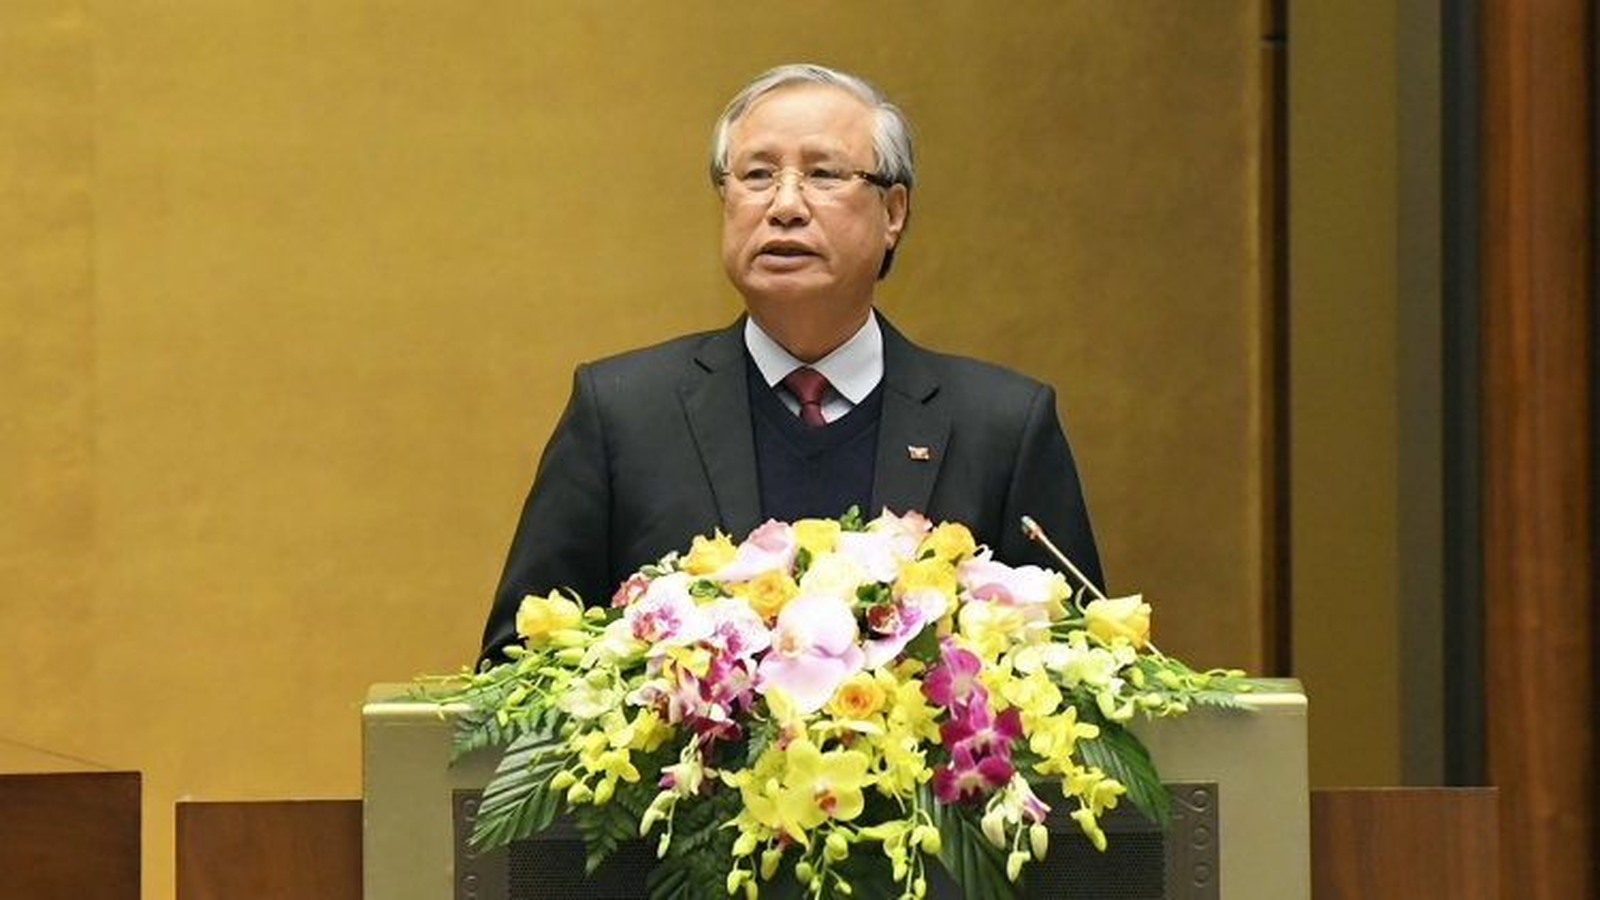 Bầu cử Quốc hội, HĐND: Không giới thiệu người sa sút về phẩm chất đạo đức